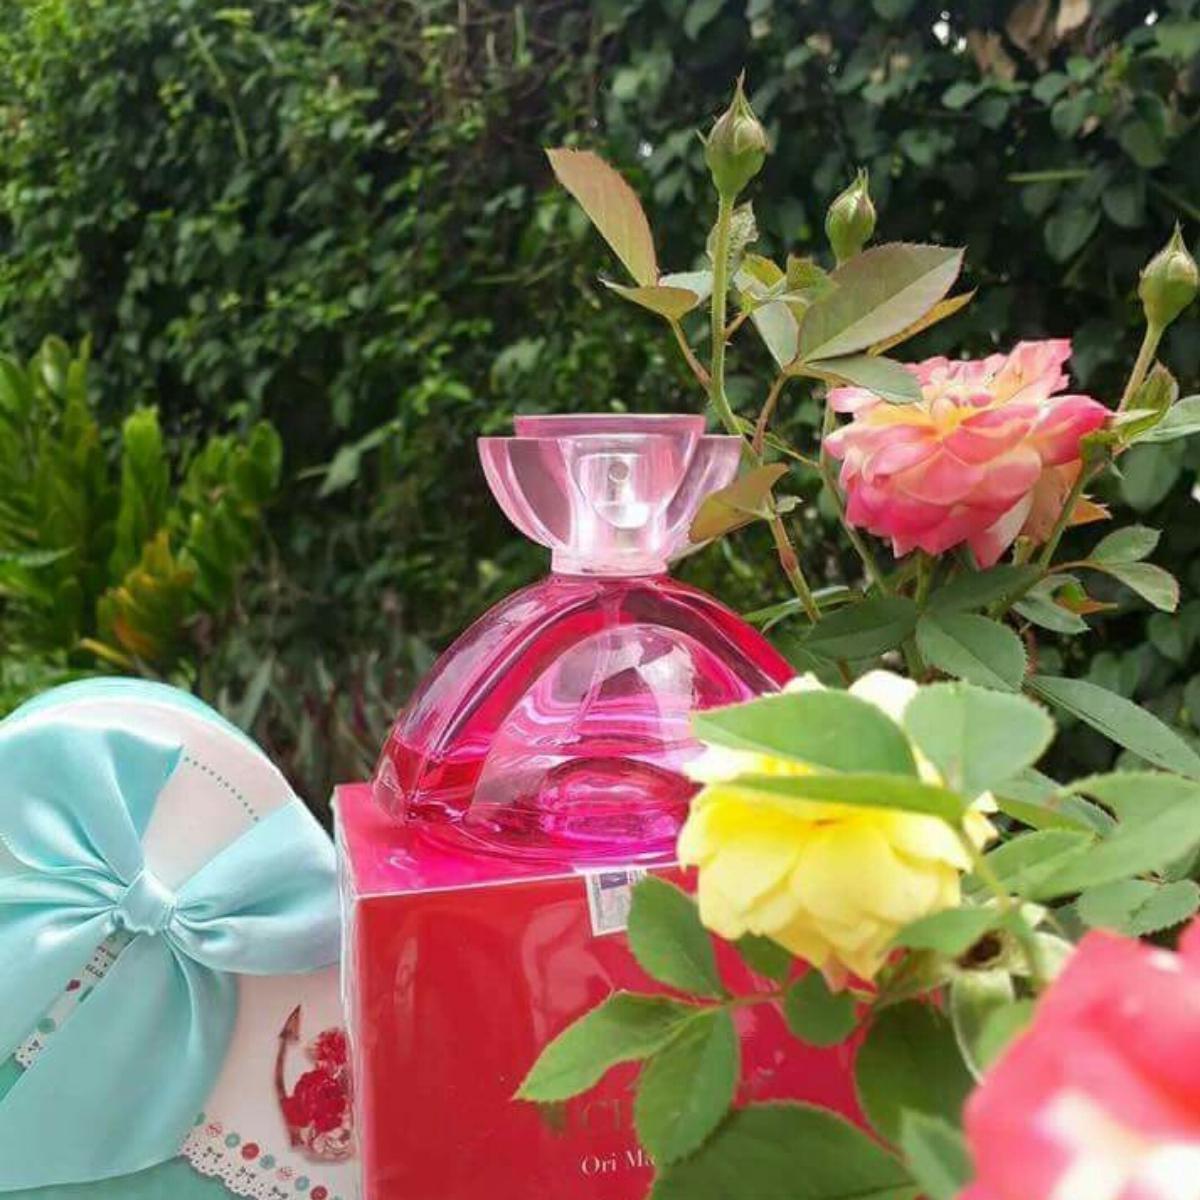 Nước hoa charme Perfume tinh dầu nhập khẩu Pháp đang gây sốt - charme ori